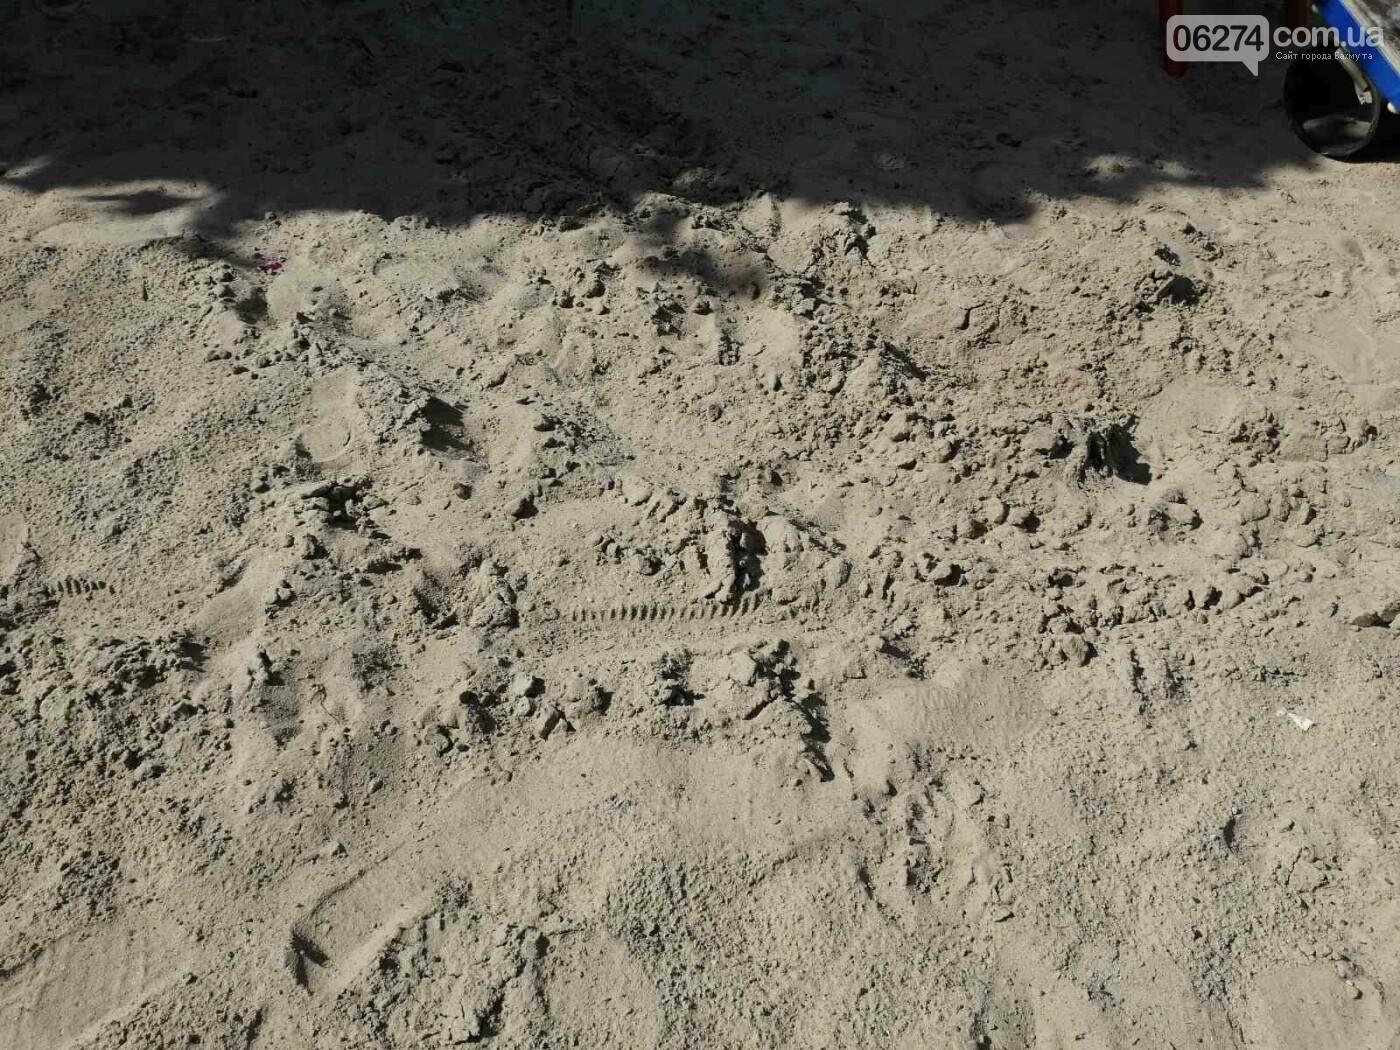 В Бахмуте вандалы продолжают разрушать детские площадки, фото-5